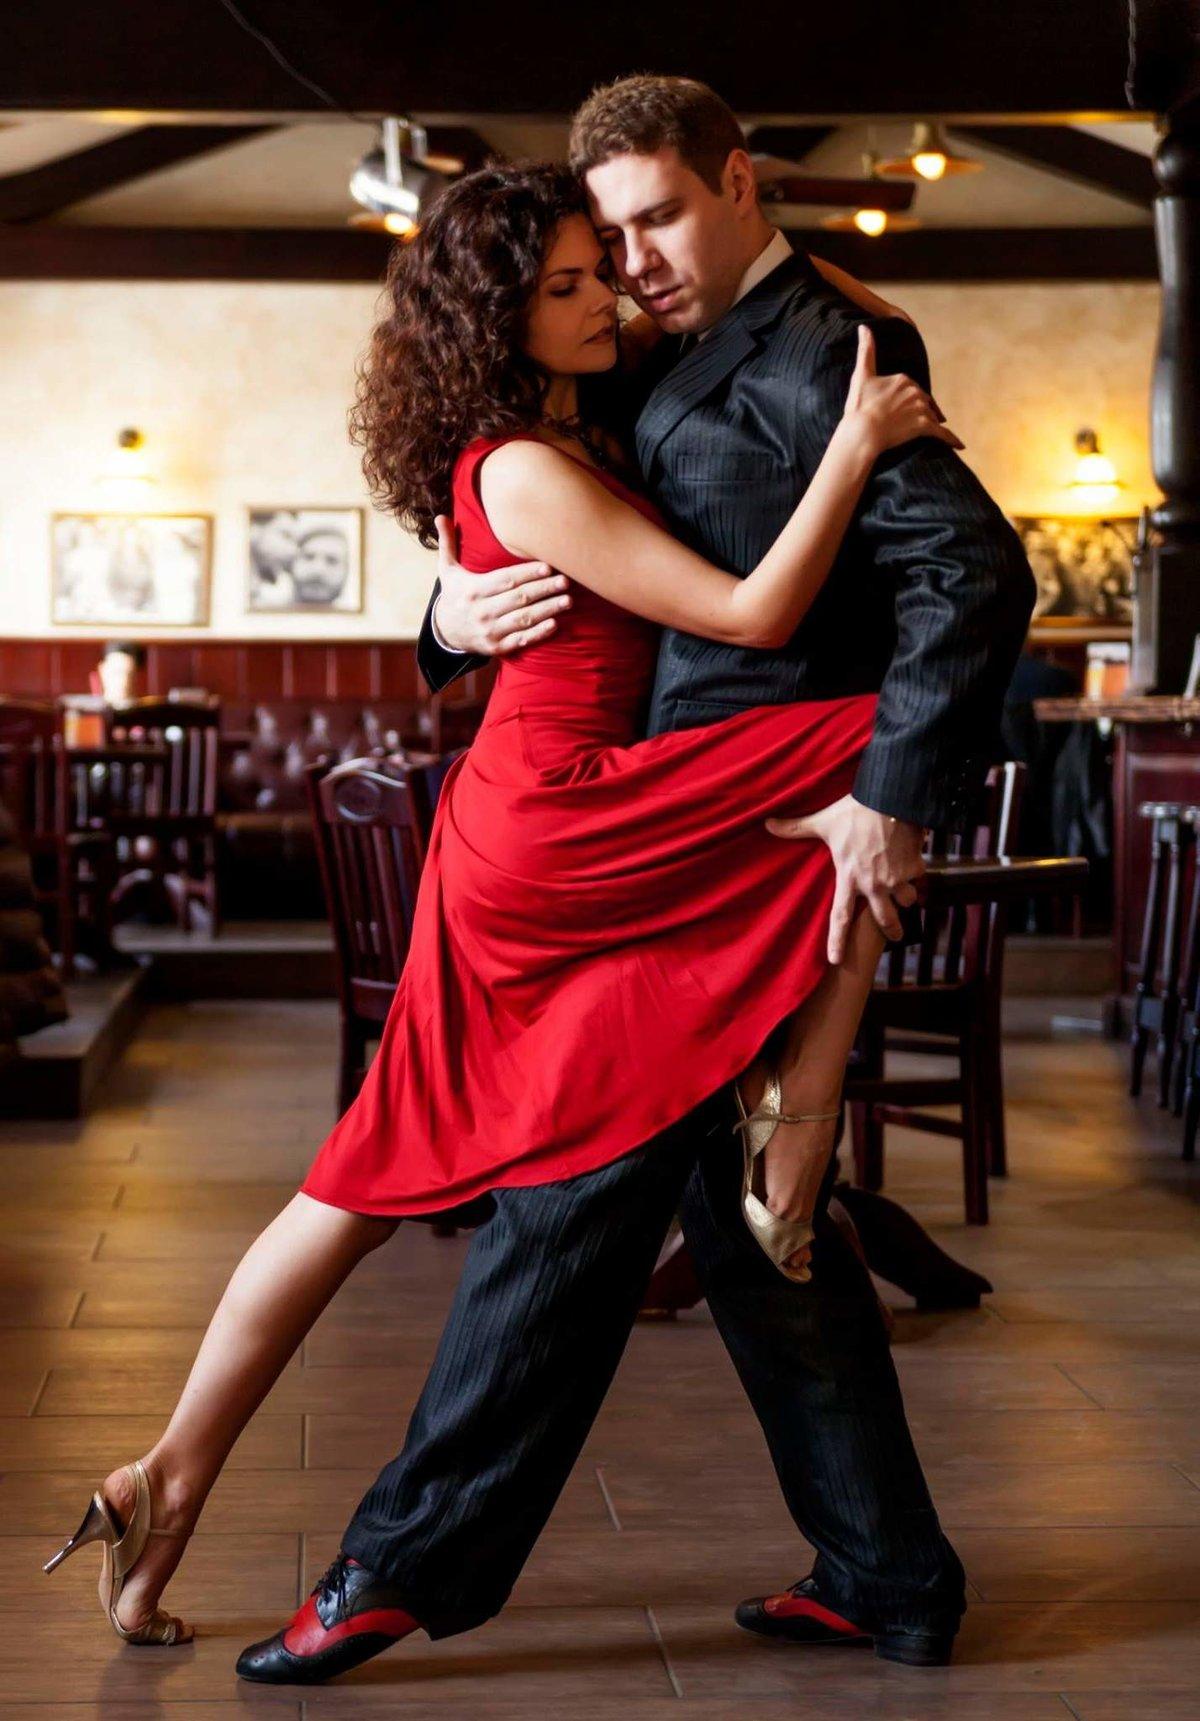 Прекрасного дня, картинки танго танец